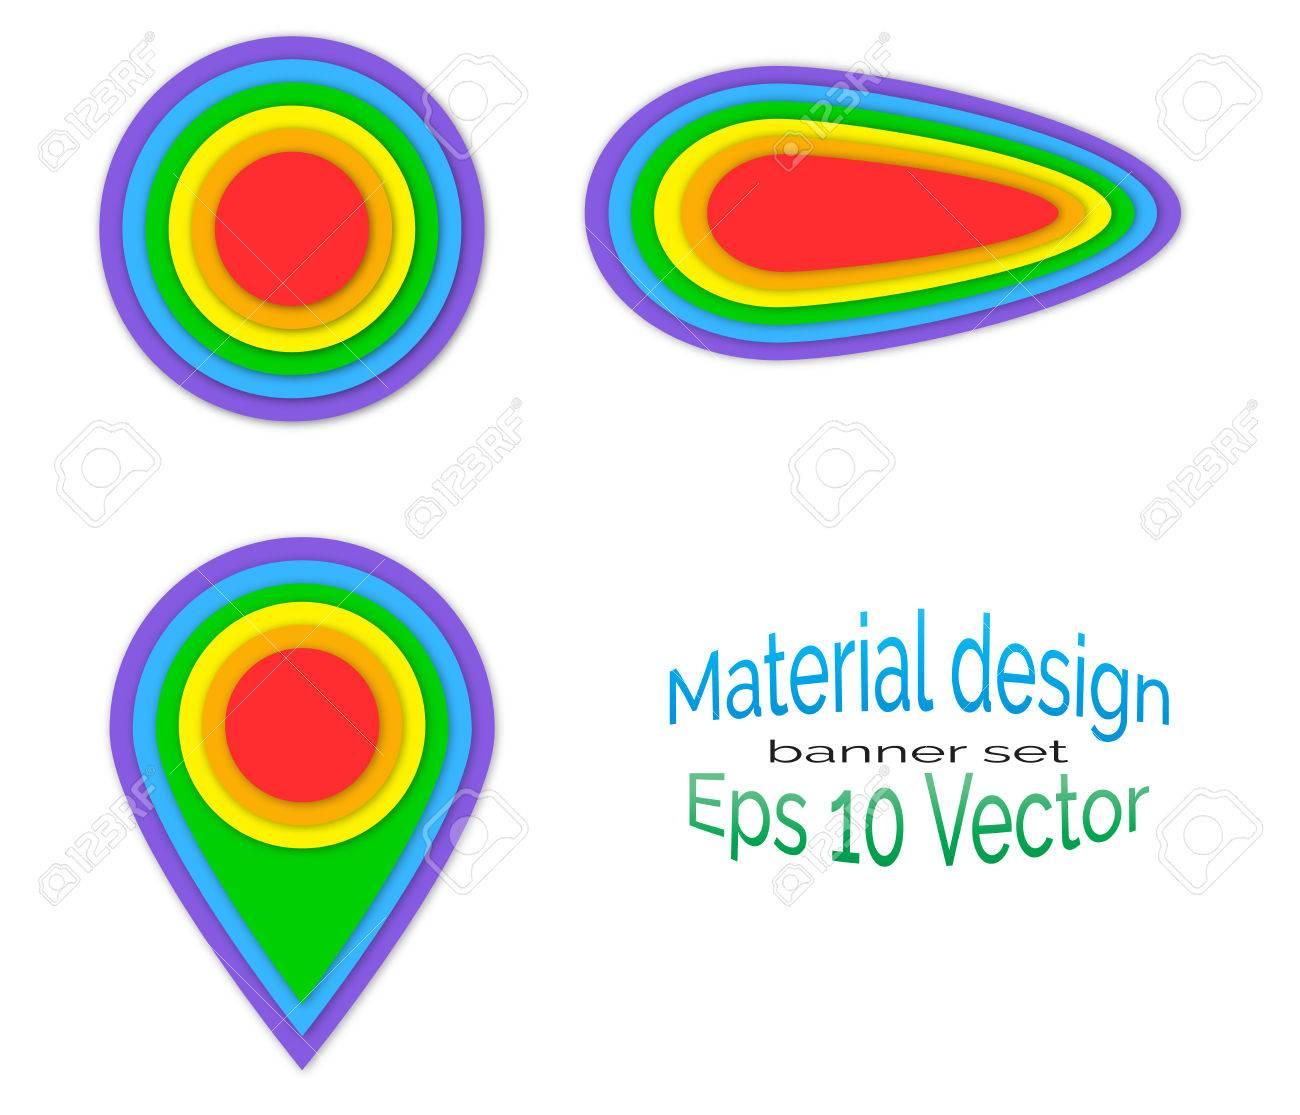 抽象的な横断幕のデザインのベクトル イラストは背景白に設定します。虹